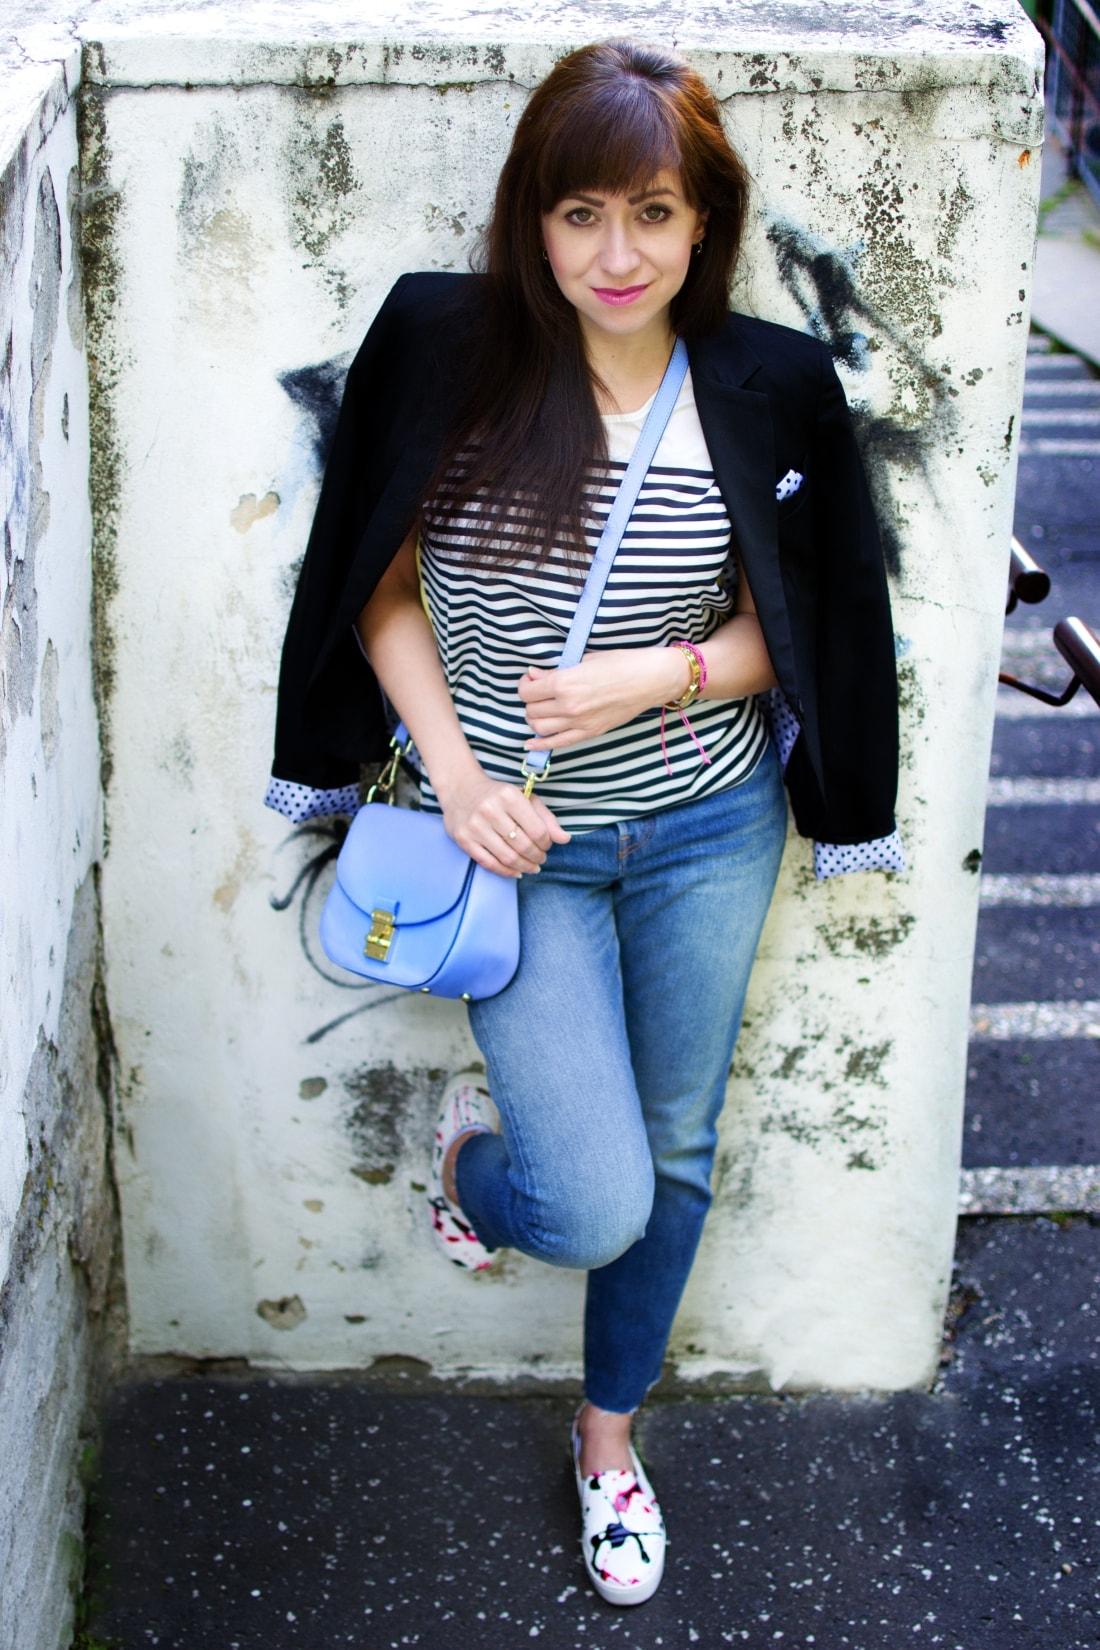 Mix vzorov_Katharine-fashion is beautiful blog 2_Levis_Pásiky_Prúžky_Dots_Bodky_Stripes_Katarína Jakubčová_Fashion blogger